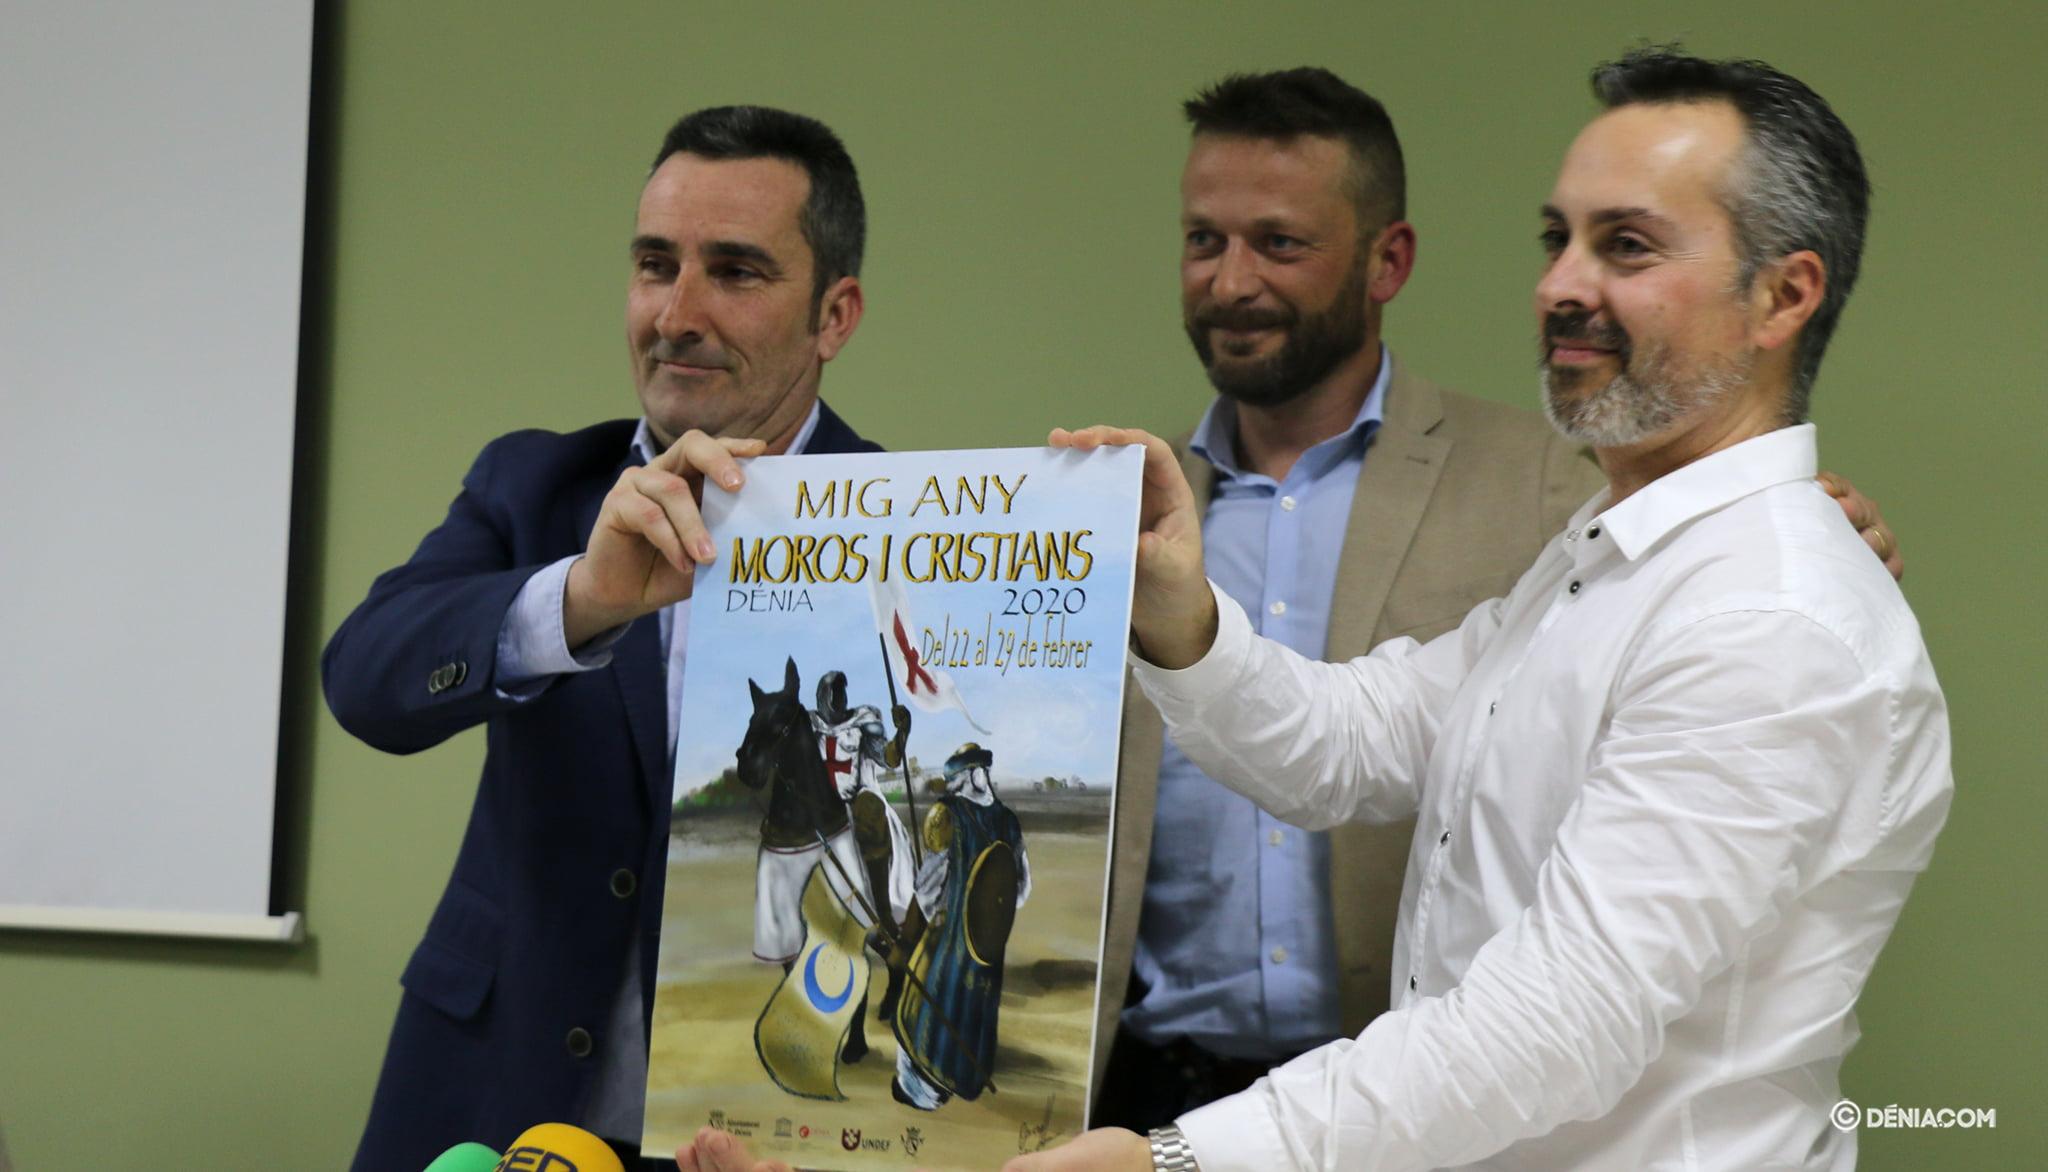 Los capitanes sostienen el cartel de Mig Any